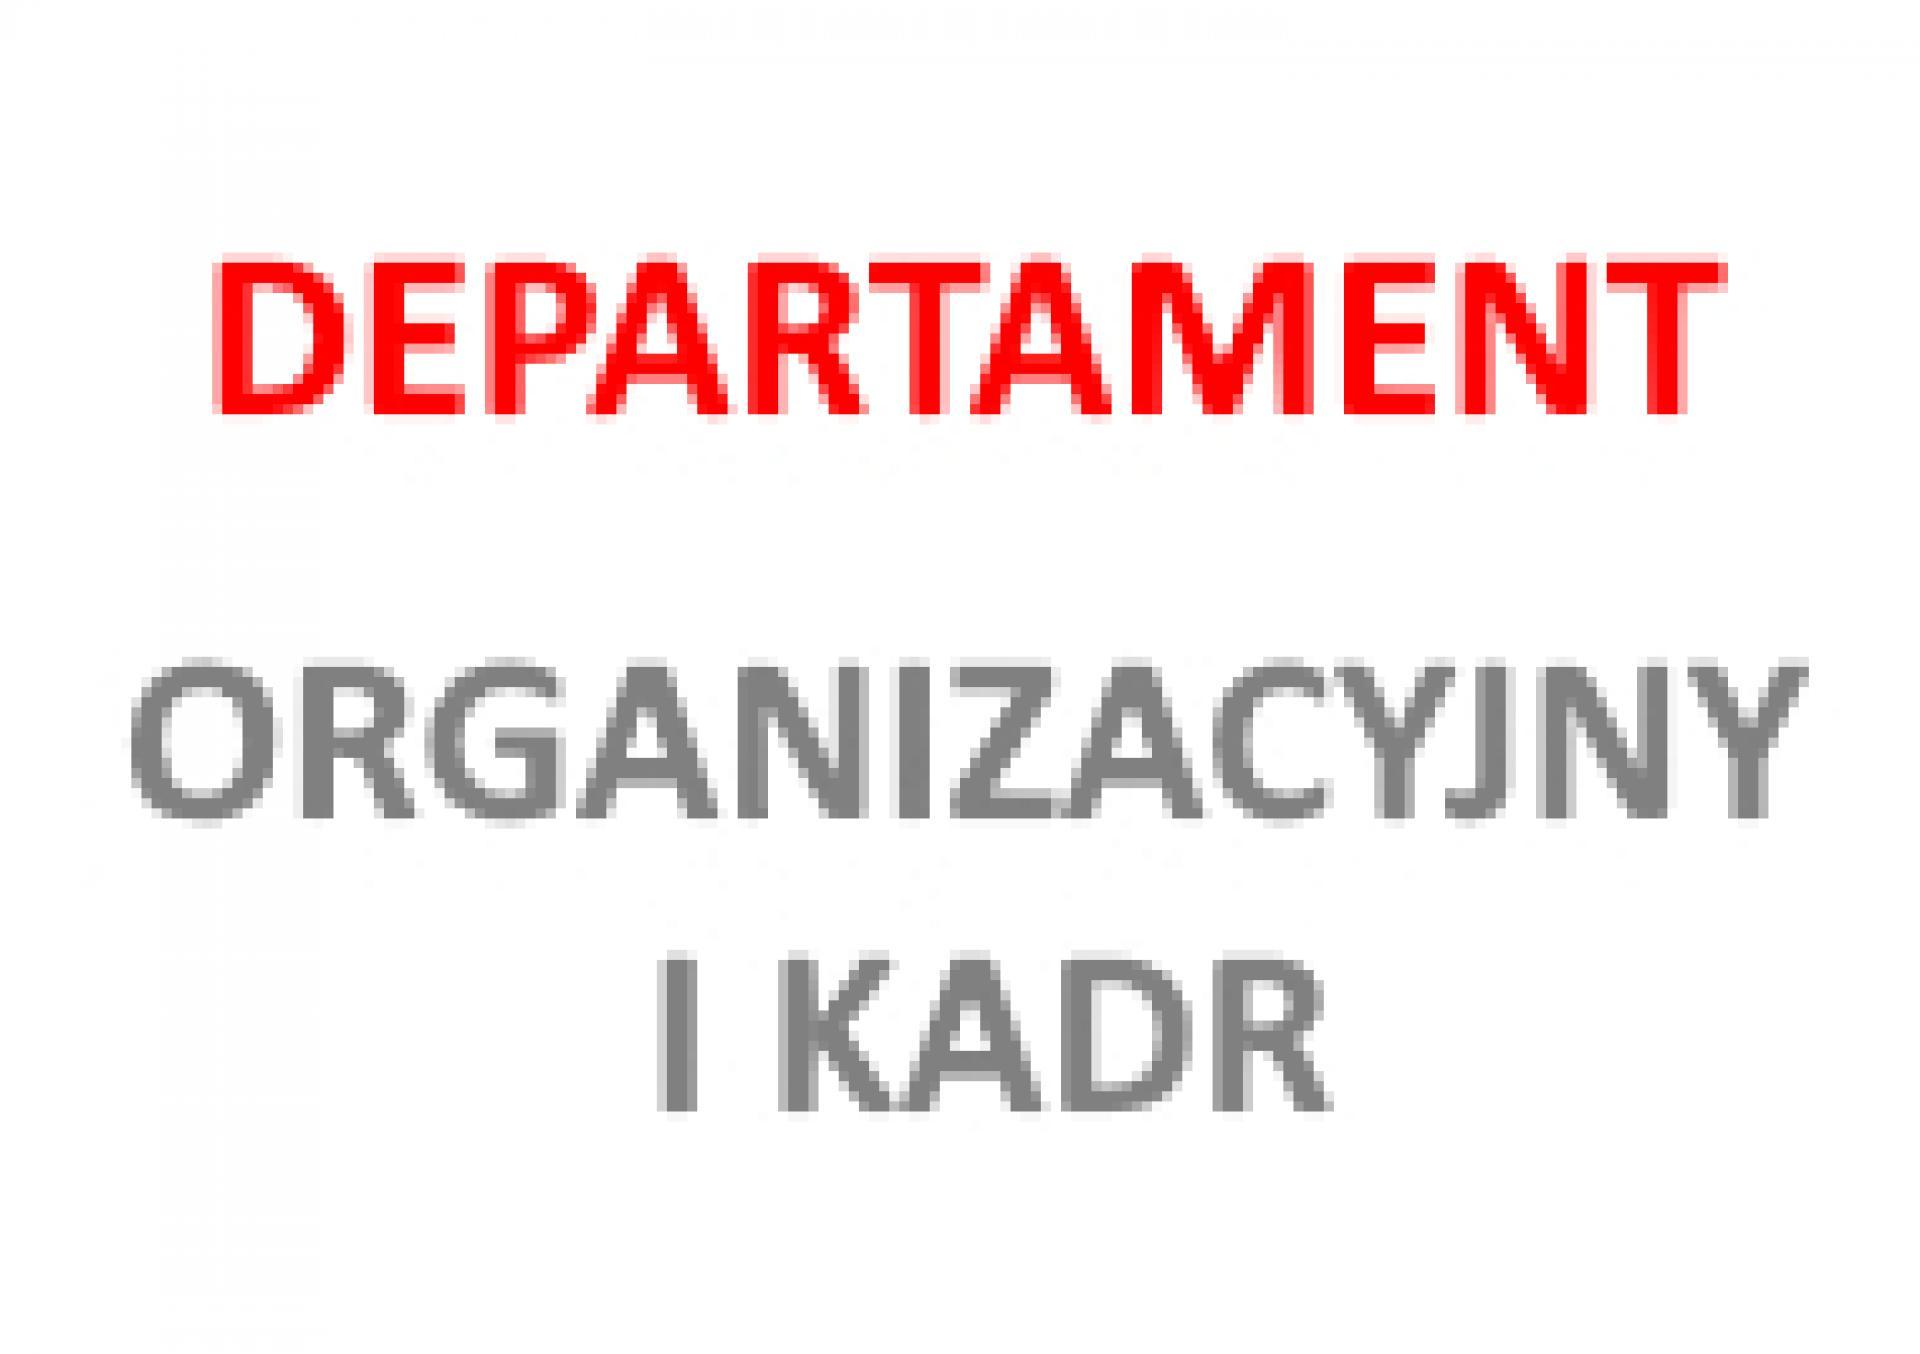 logo umwww aktualności sejmiku i urzędu